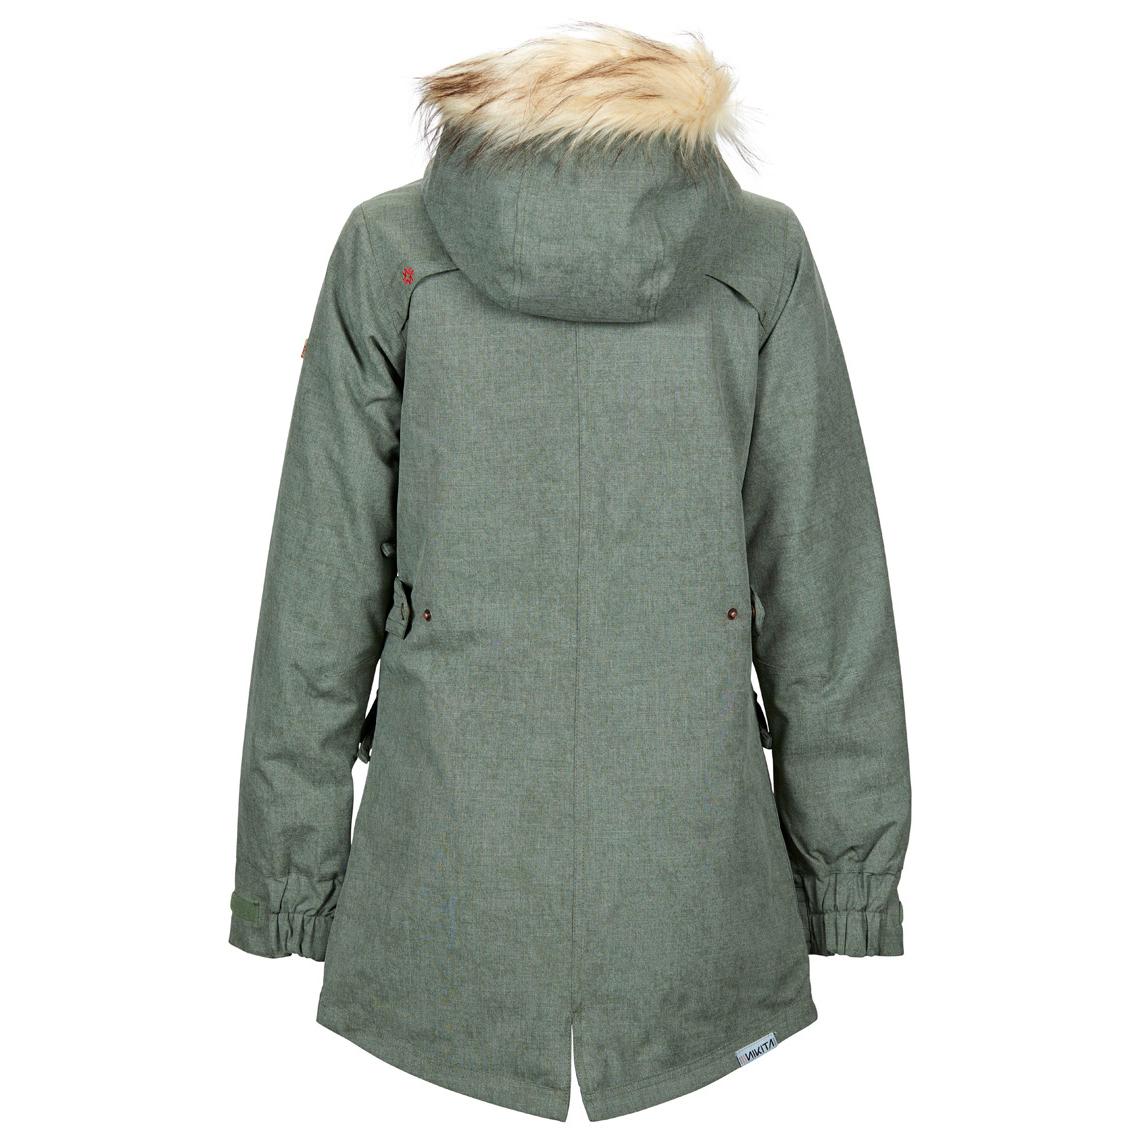 eu Women's EU Delivery Jacket Coat Aspen Nikita Free Bergfreunde 8nCzqR